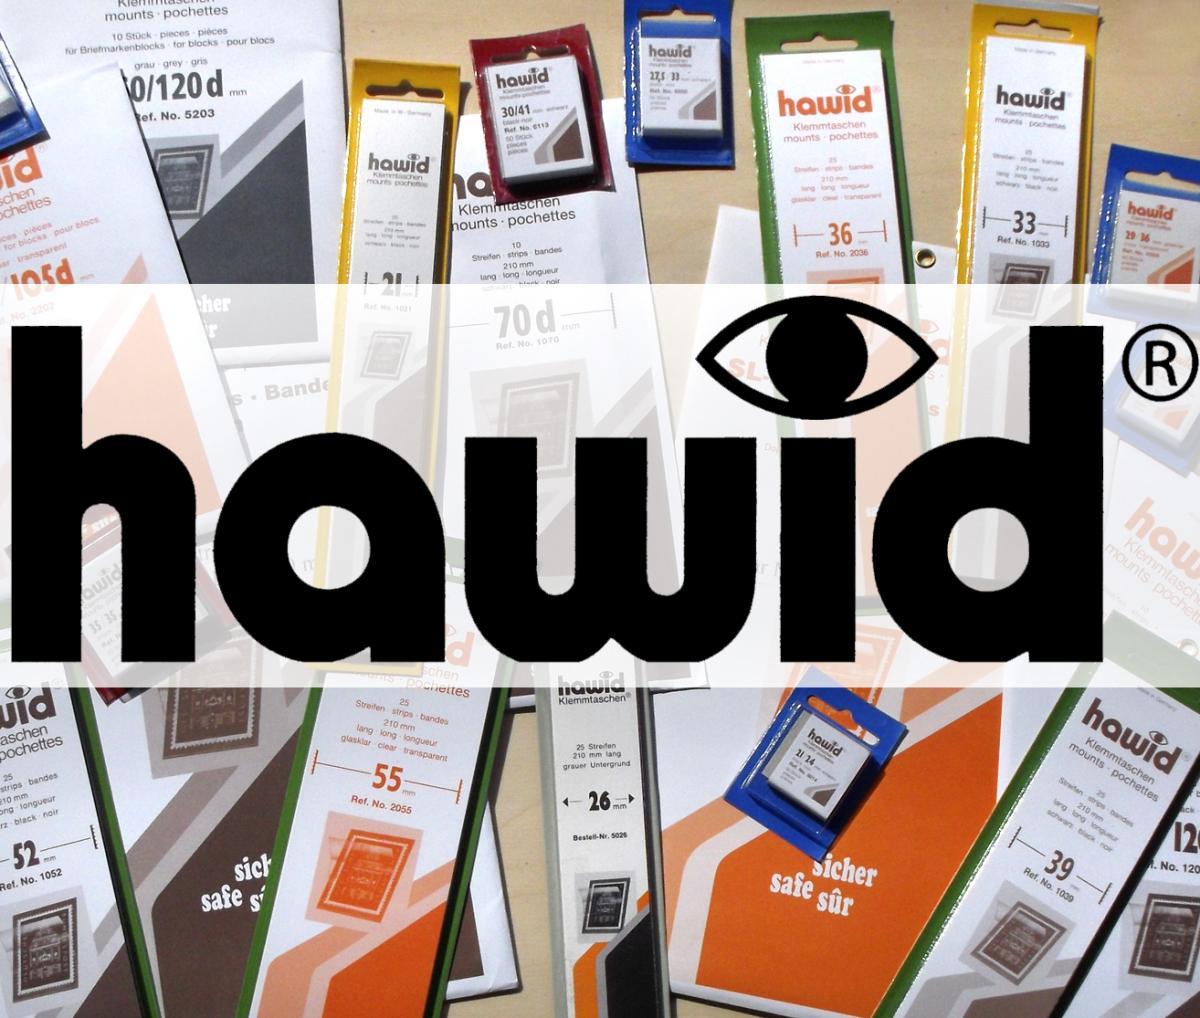 HAWID-Streifen 2066, 210 x 66 mm, glasklar, 10 Stück, d* (weiße Verpackung) 0